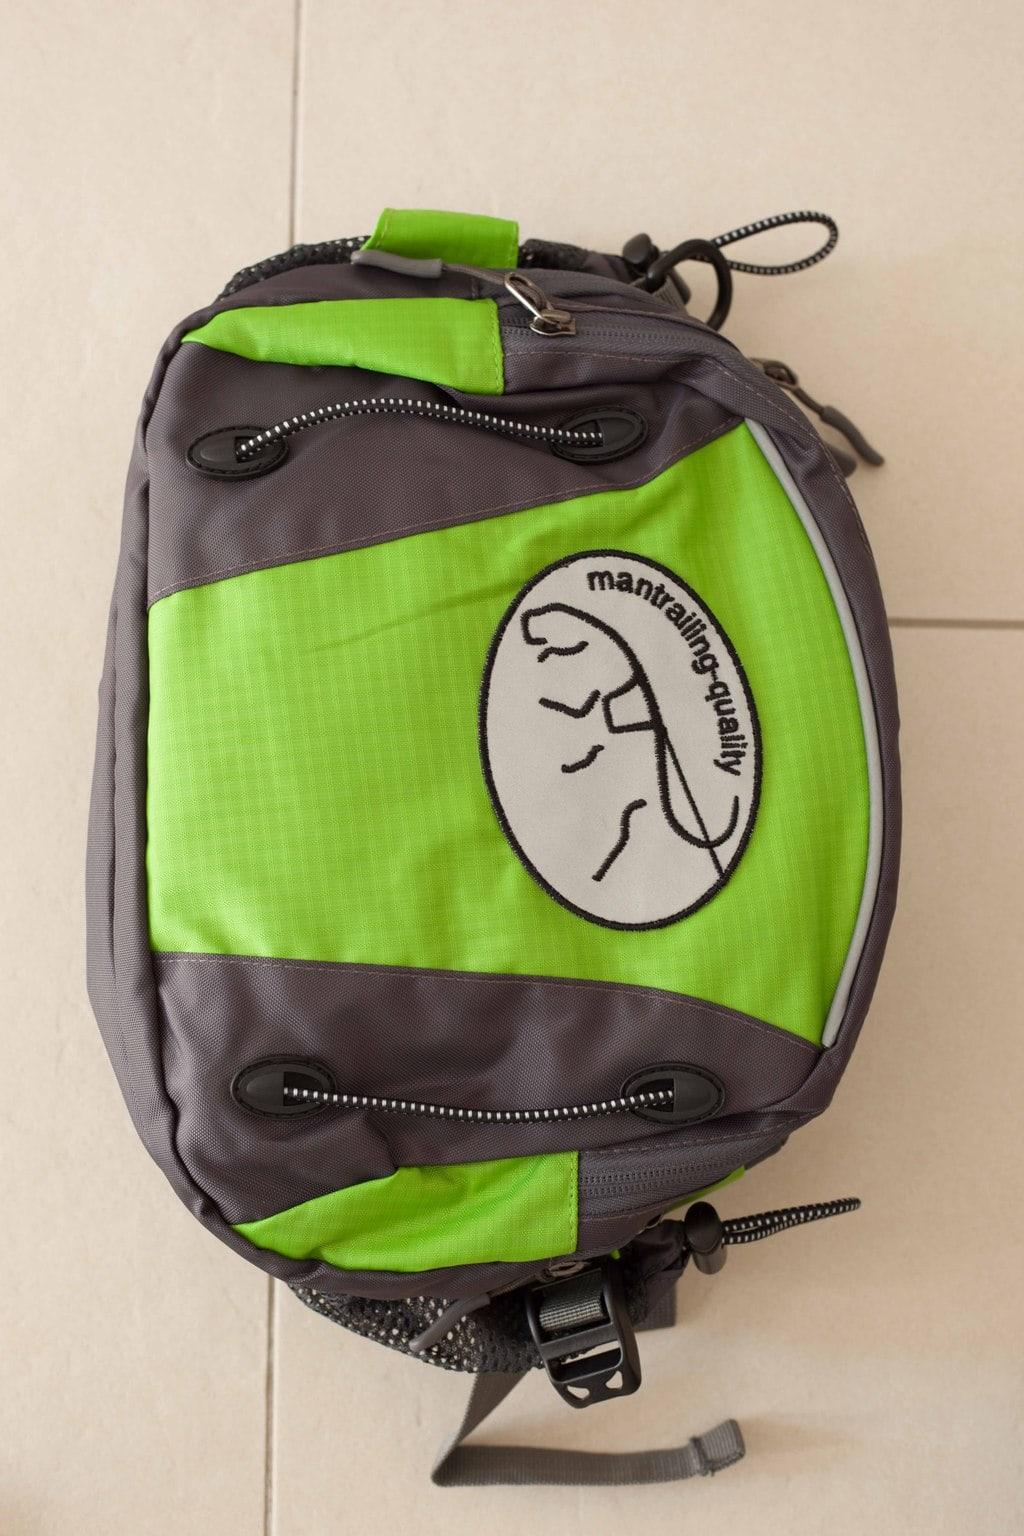 Trailtasche von mantrailing-quality Hüfttasche grün Vorderansicht